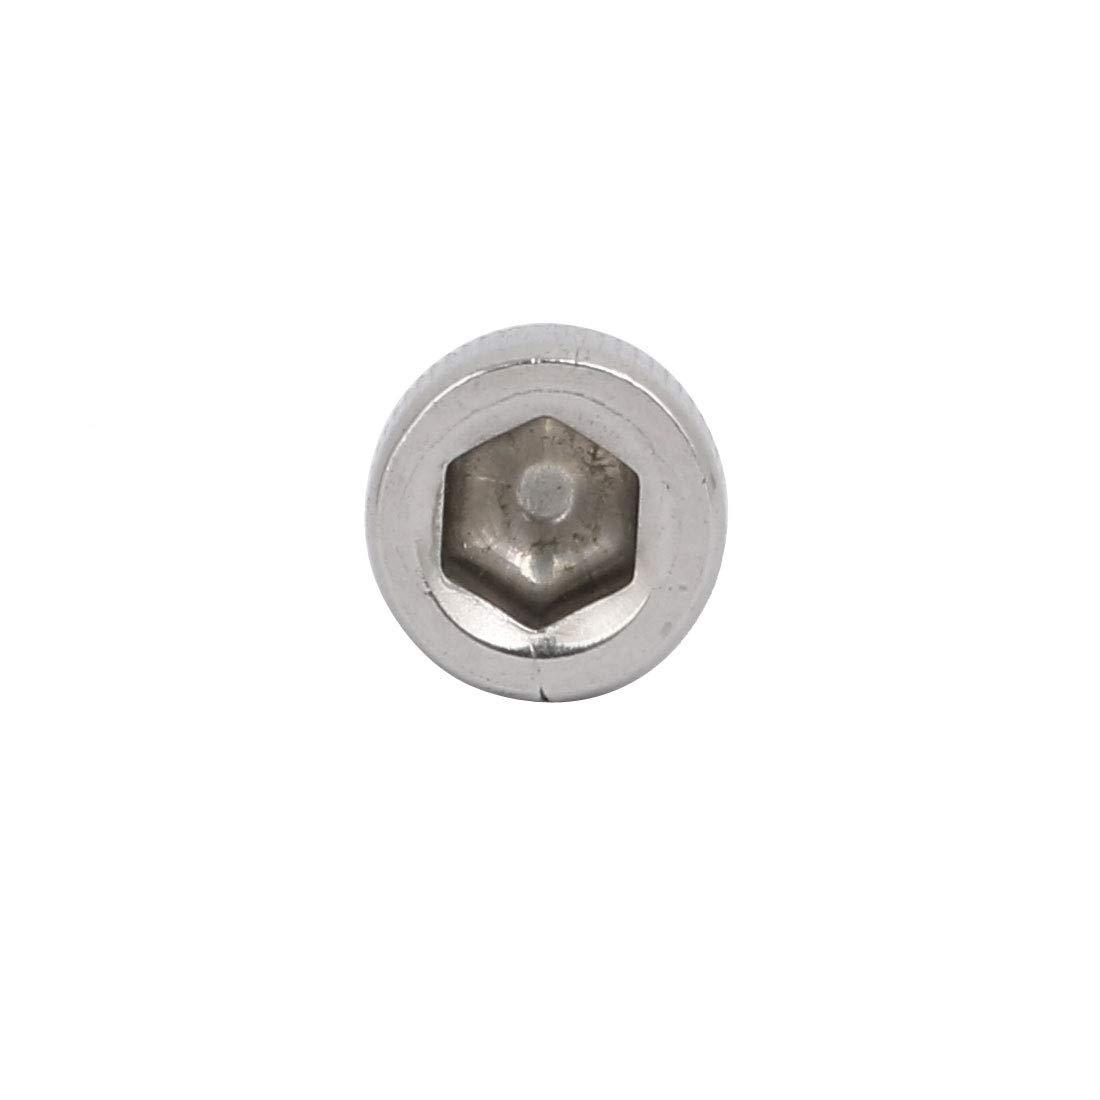 sourcingmap 1//4-20x1//2 fil COMPLET acier inox 304 vis t/ête Hex 10pcs